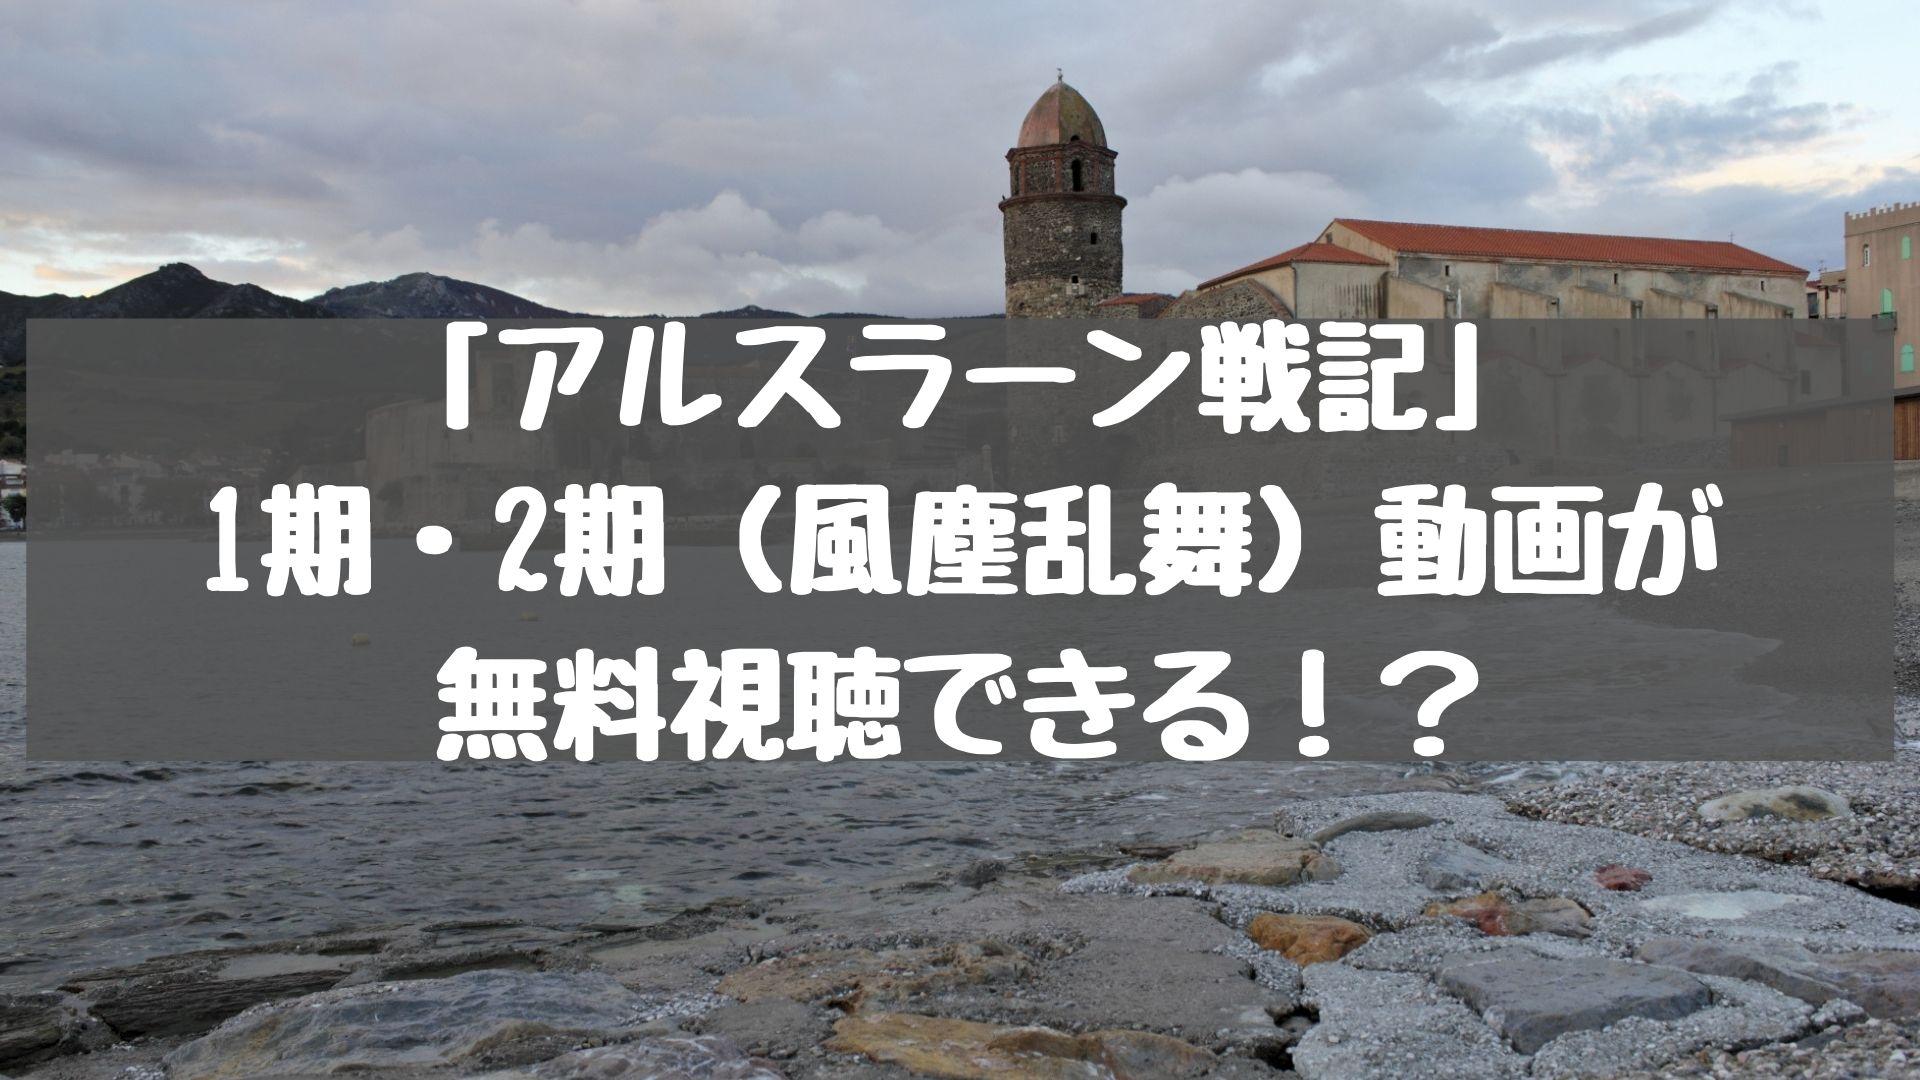 アニメ「アルスラーン戦記」1期・2期(風塵乱舞)動画を無料視聴!アニポ・アニチューブ超え